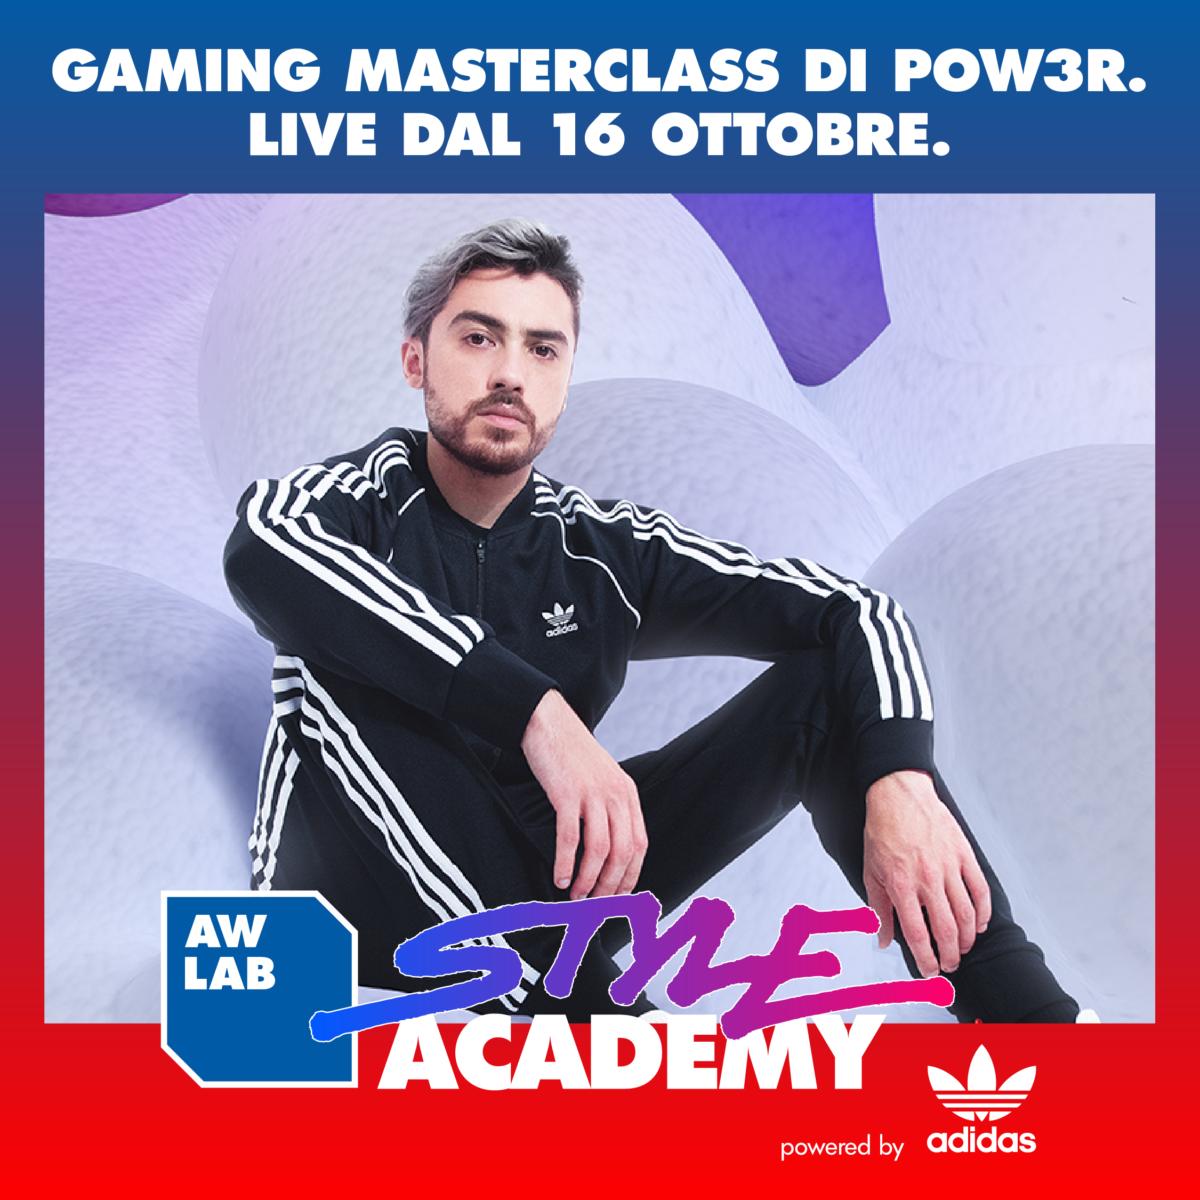 Aw Lab e adidas: 4 Masterclass per giovani talenti: si parte con il Gaming, coach aka Pow3r